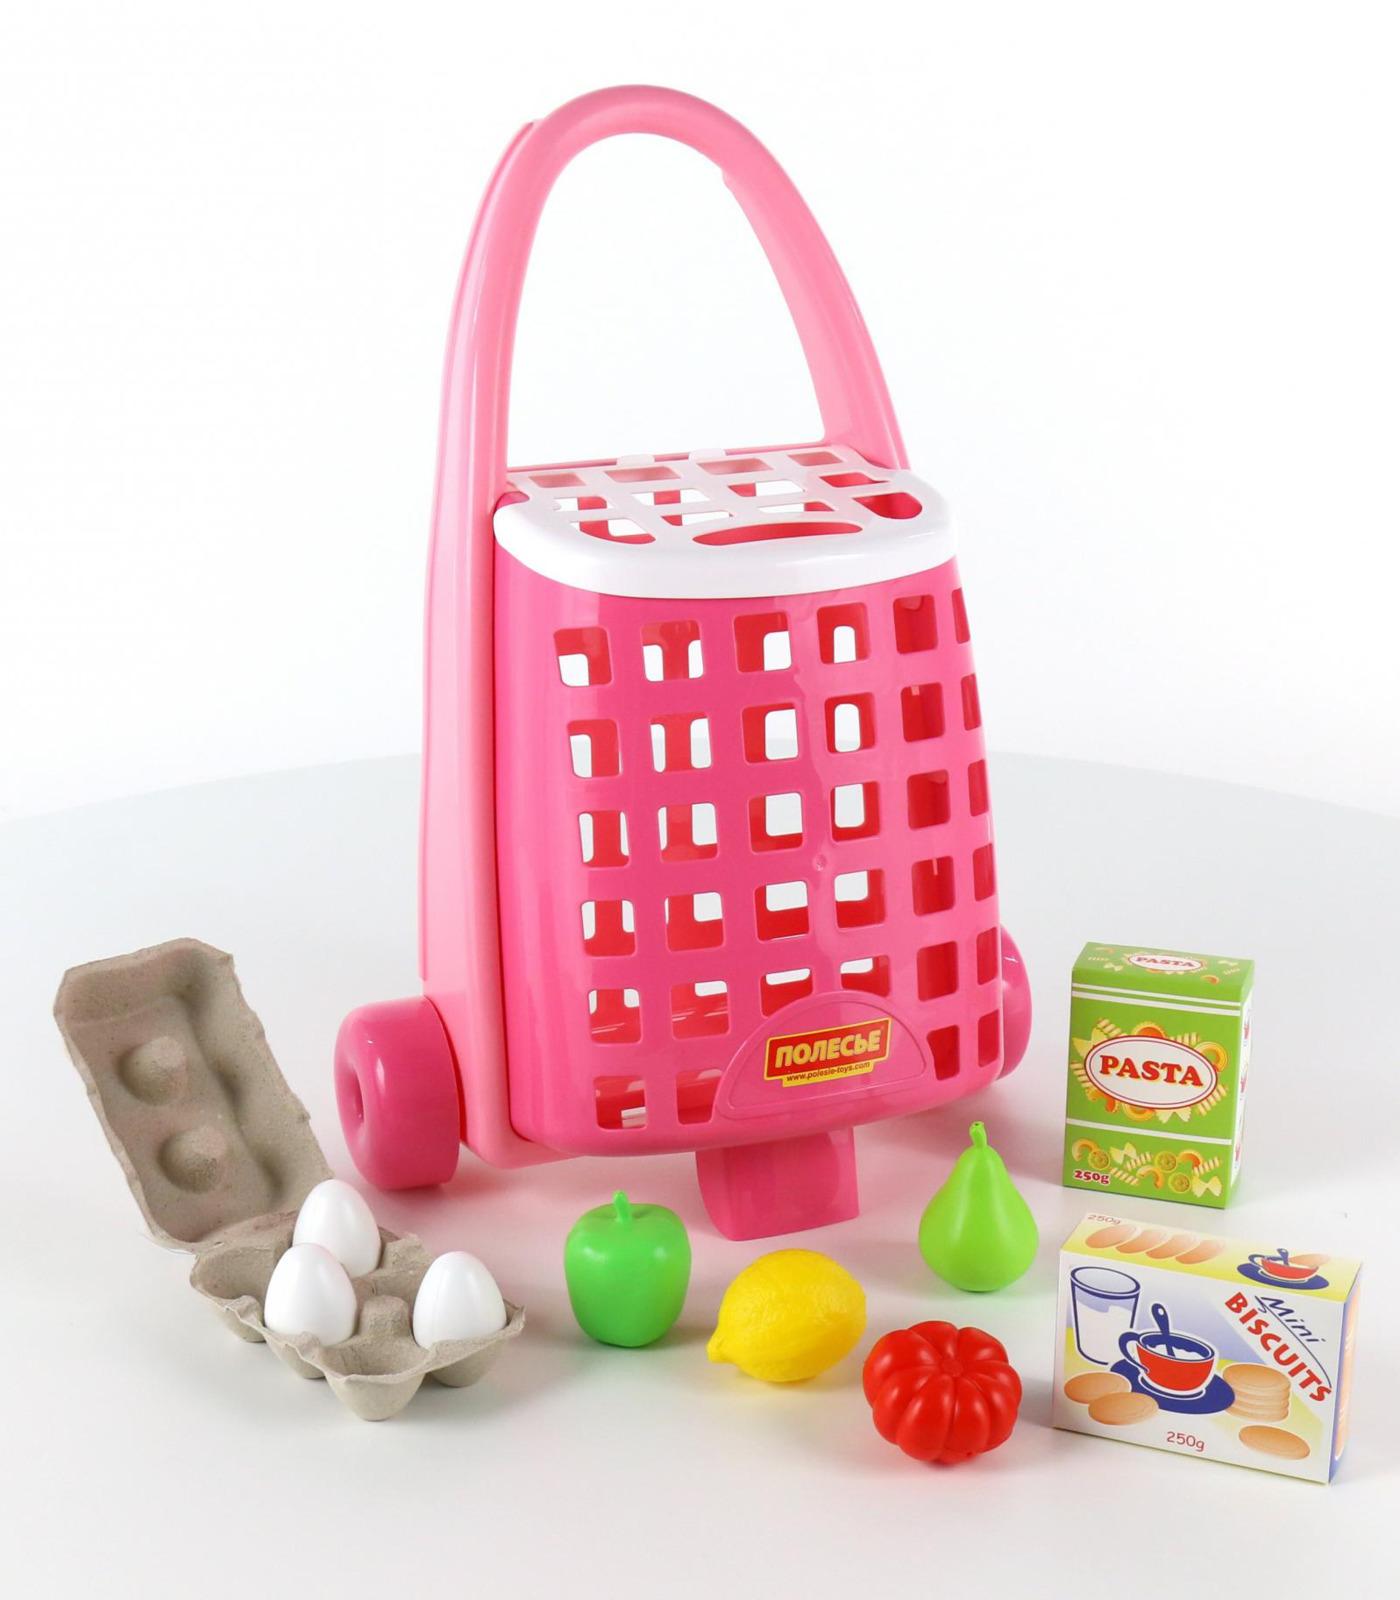 Фото - Тележка Полесье + набор продуктов, 10 элементов, цвет в ассортименте полесье игрушечная тележка supermarket 1 с набором продуктов цвет в ассортименте